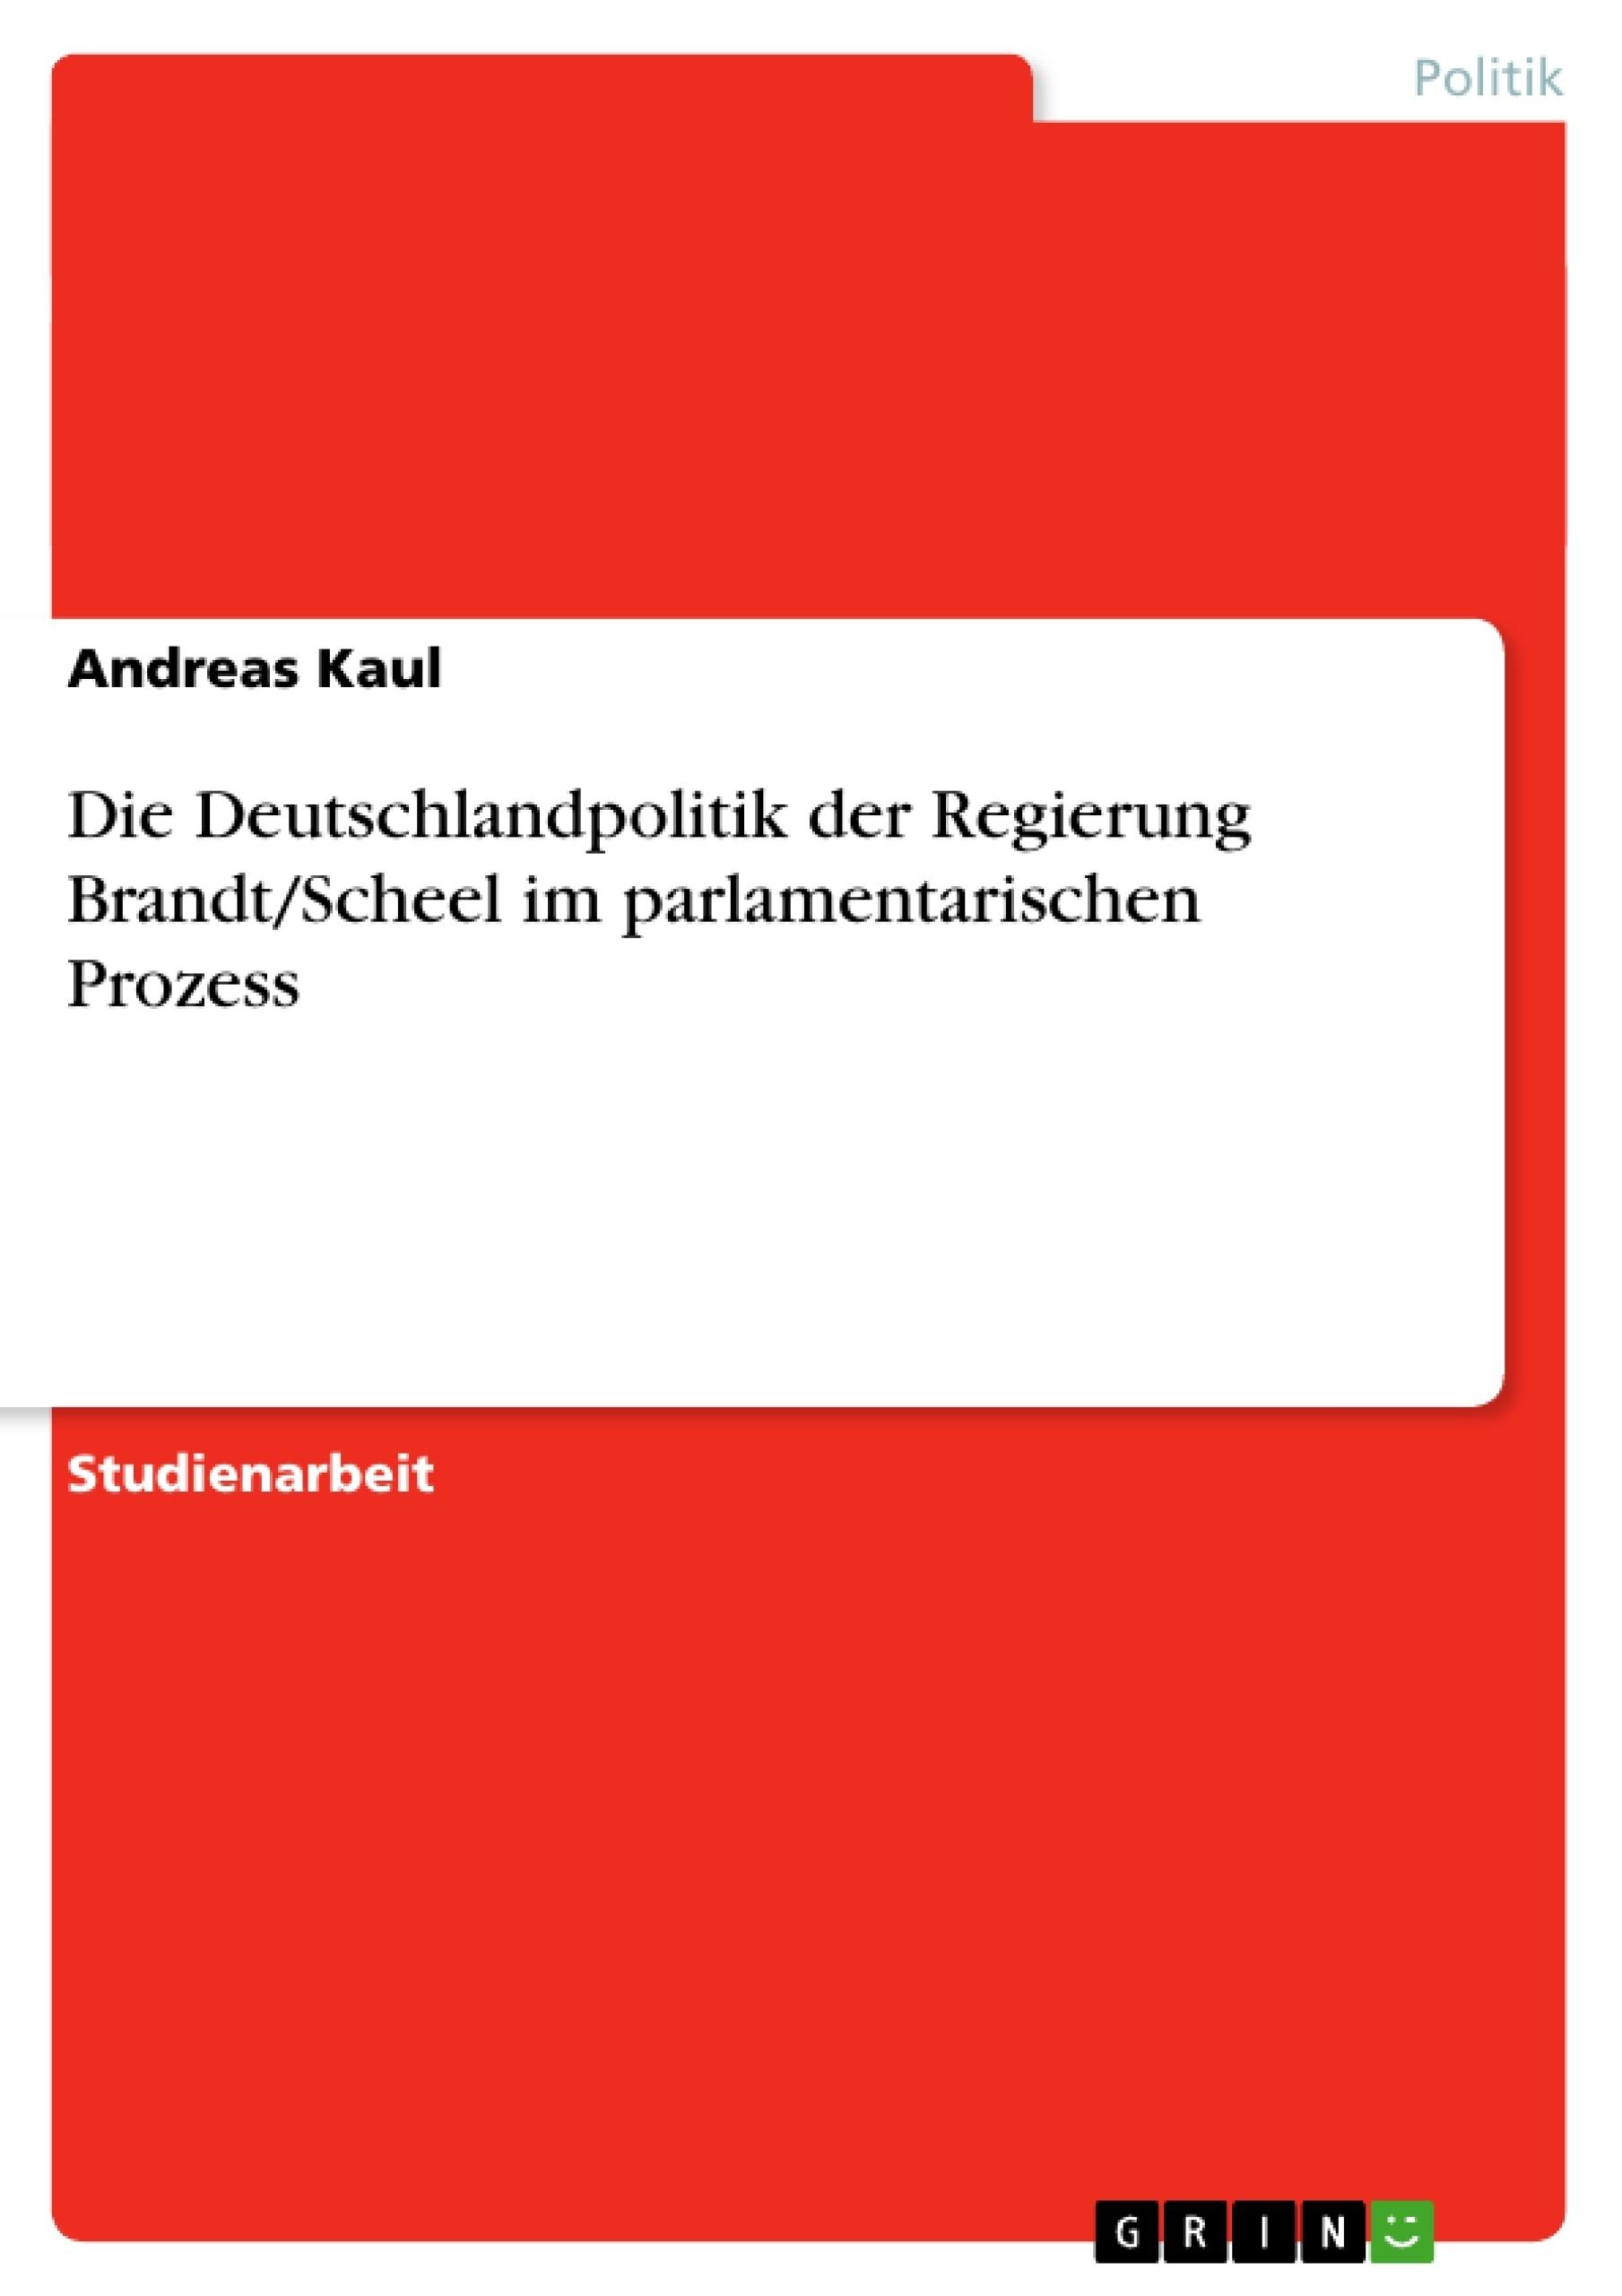 Titel: Die Deutschlandpolitik der Regierung Brandt/Scheel im parlamentarischen Prozess